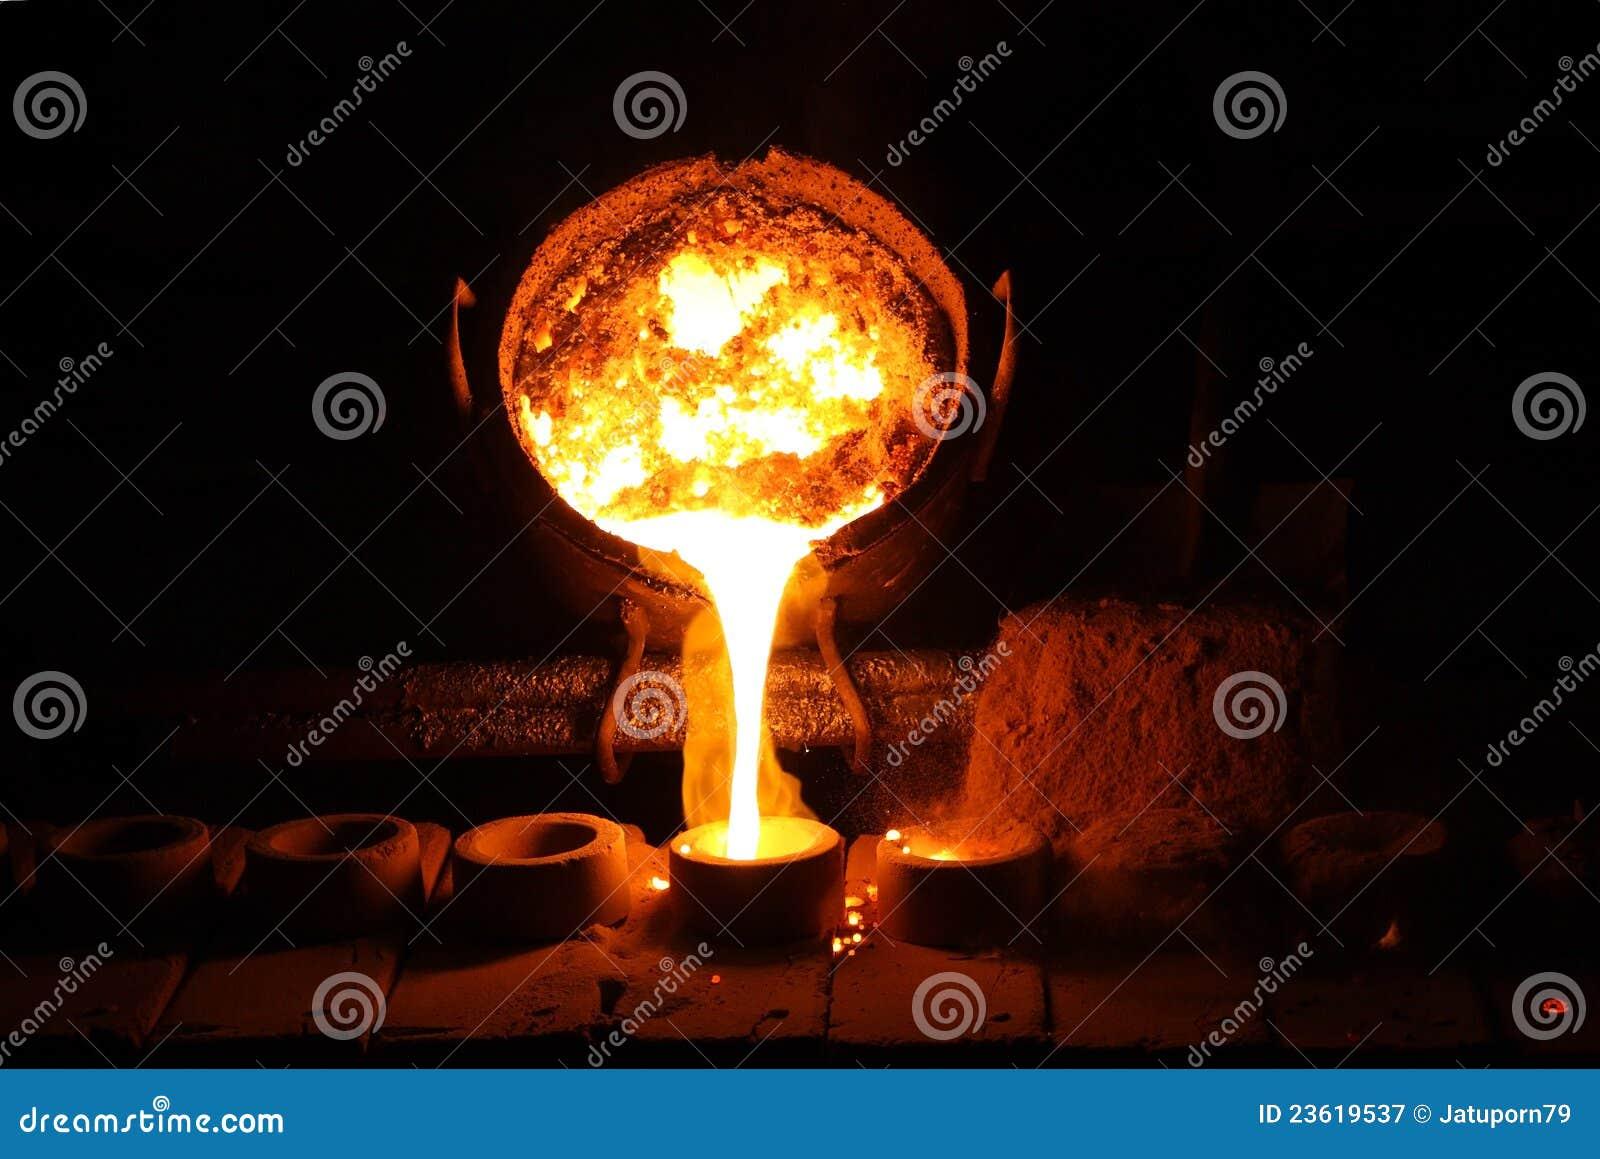 Gieterij - gesmolten metaal dat van gietlepel wordt gegoten